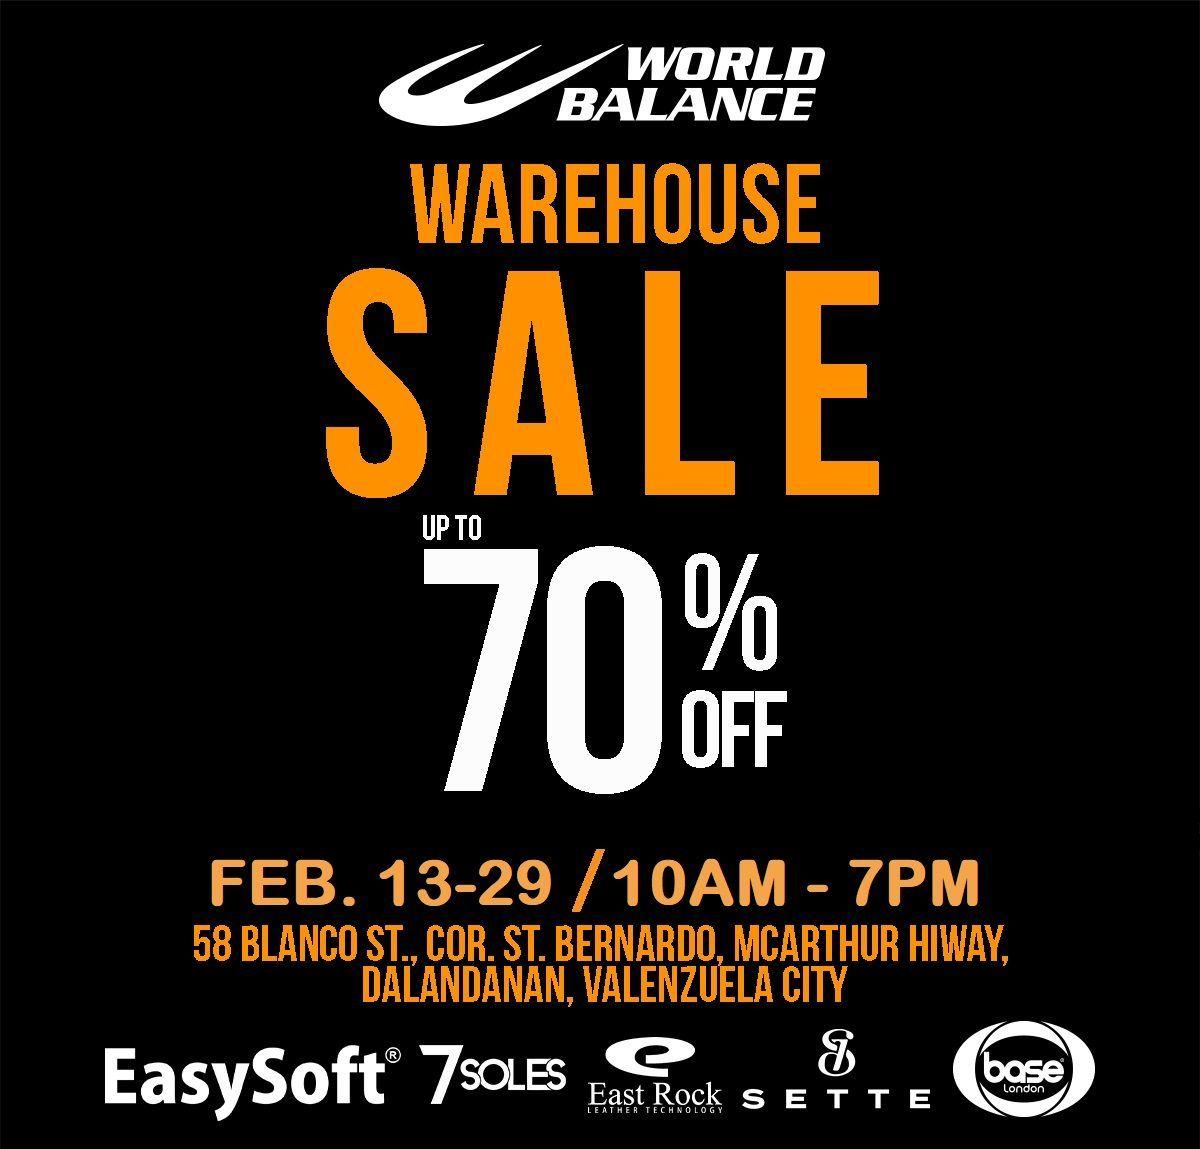 World Balance Warehouse Sale 2020 from